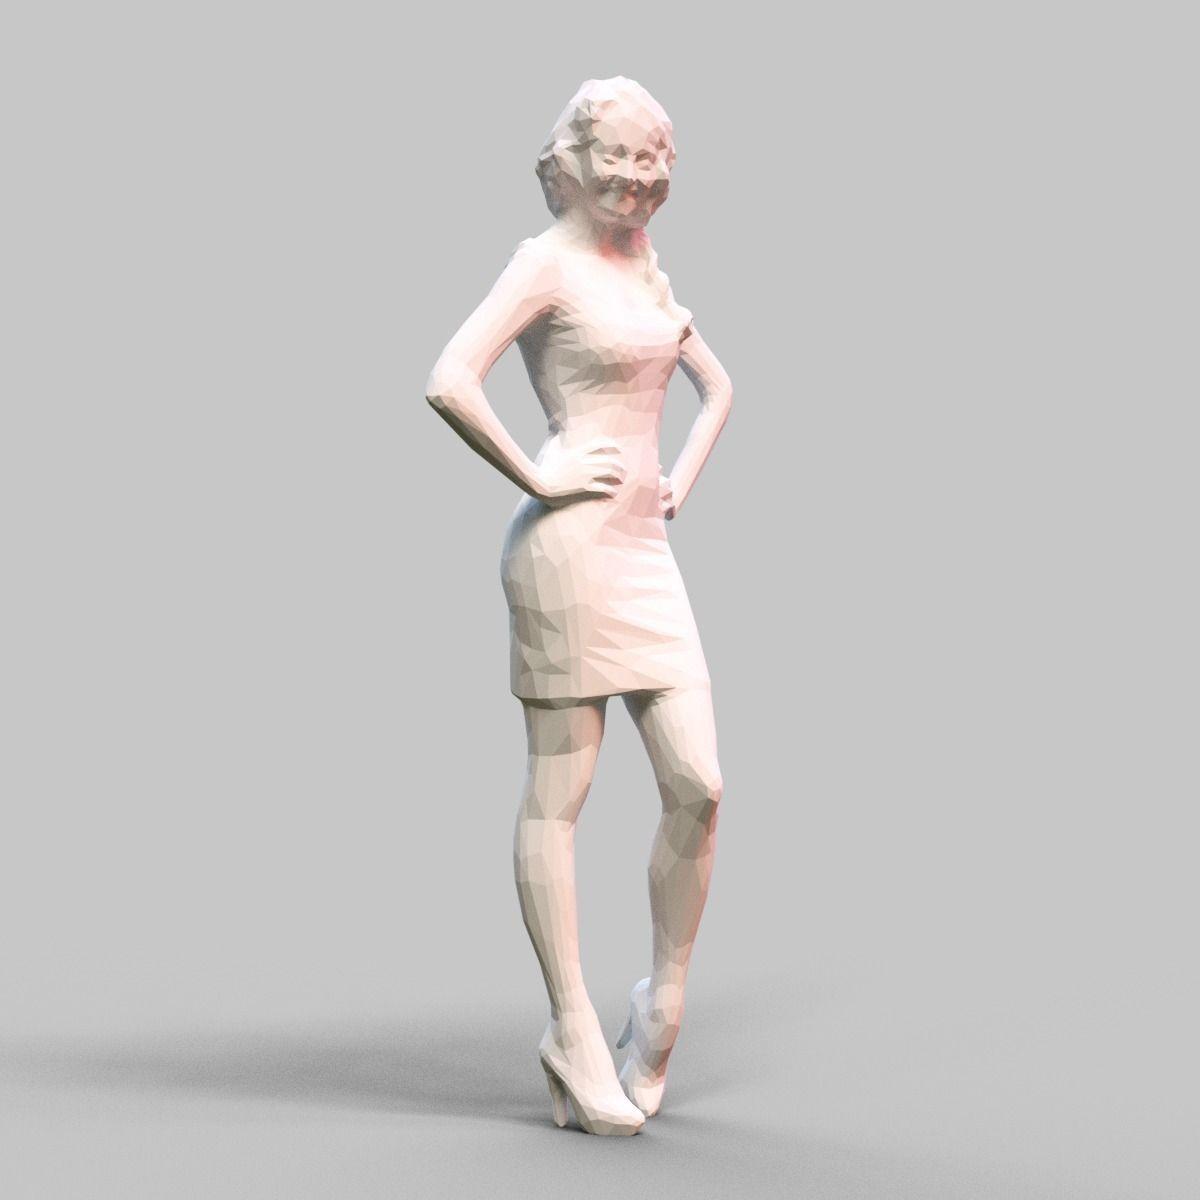 Girl Posing 1 3D Model 3D Printable .obj